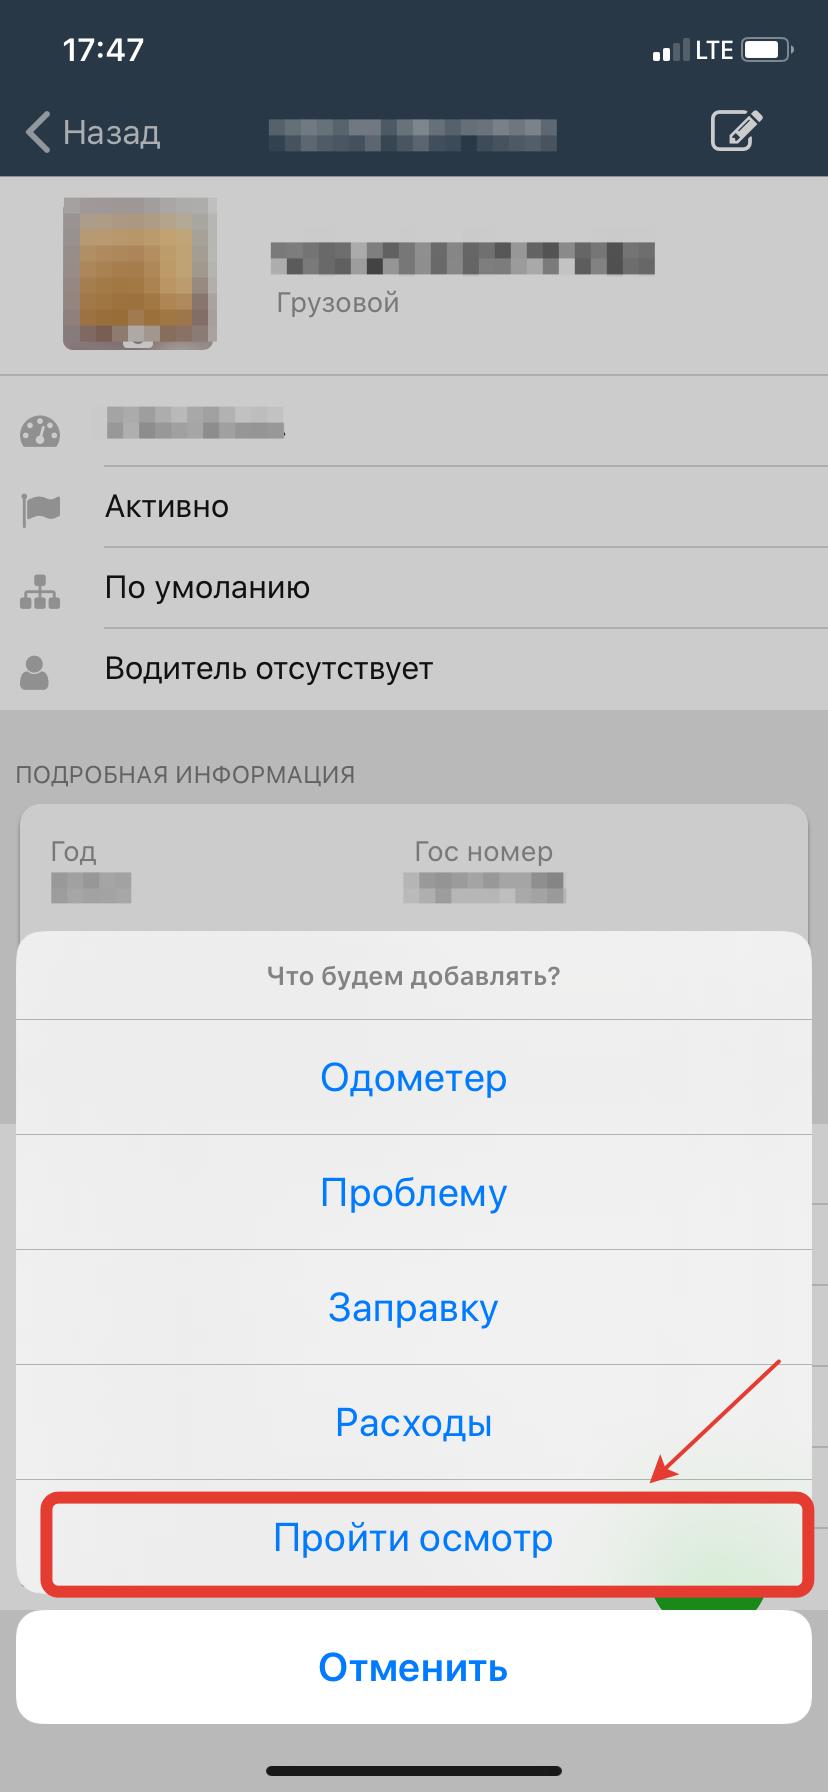 Мобильное приложение Завгар Онлайн - прохождение электронного технического осмотра 2